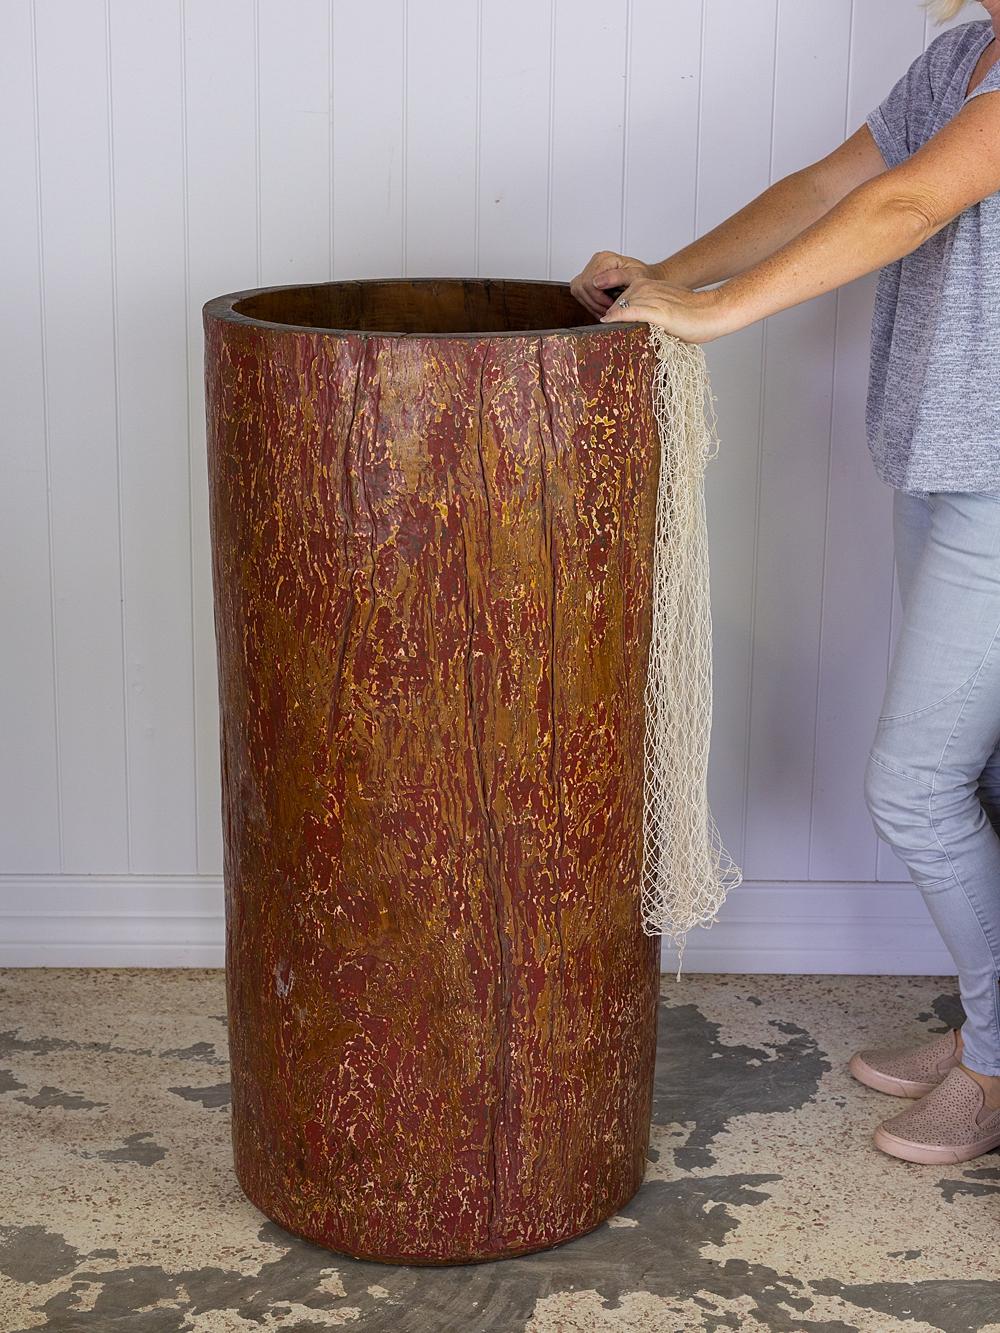 Wooden Drum Stand #3169